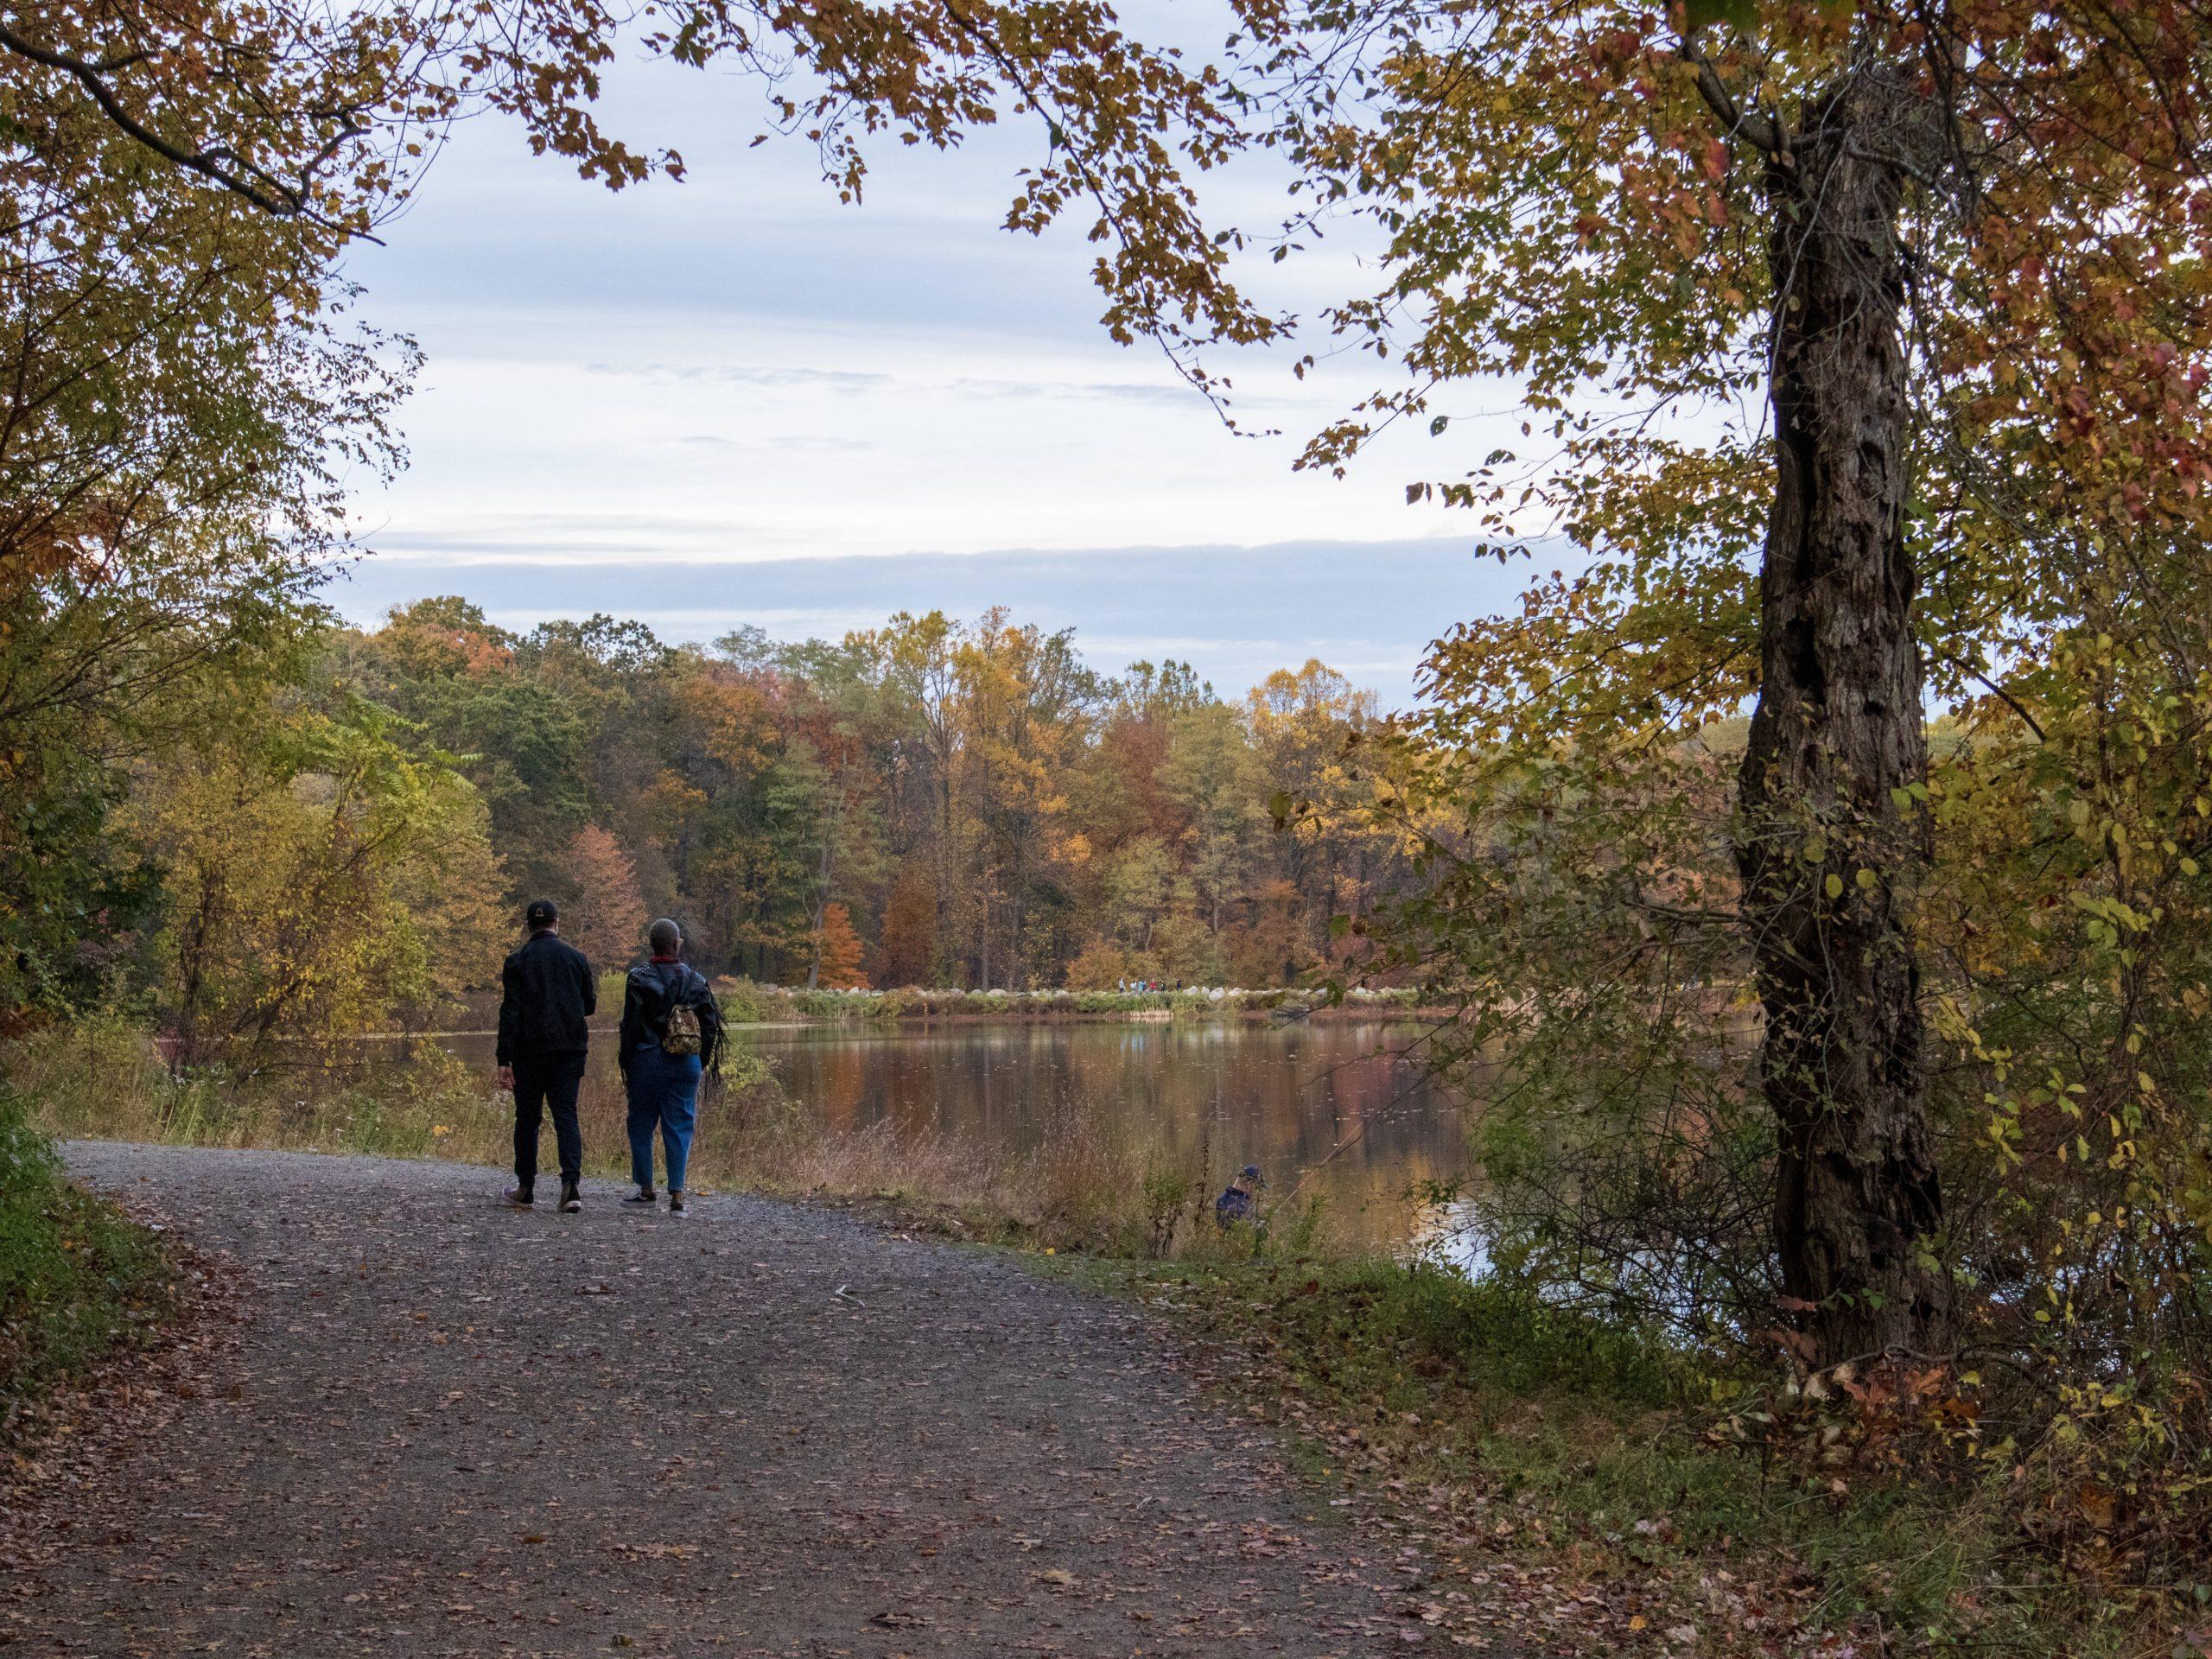 Walkers at Rockefeller State Park Preserve